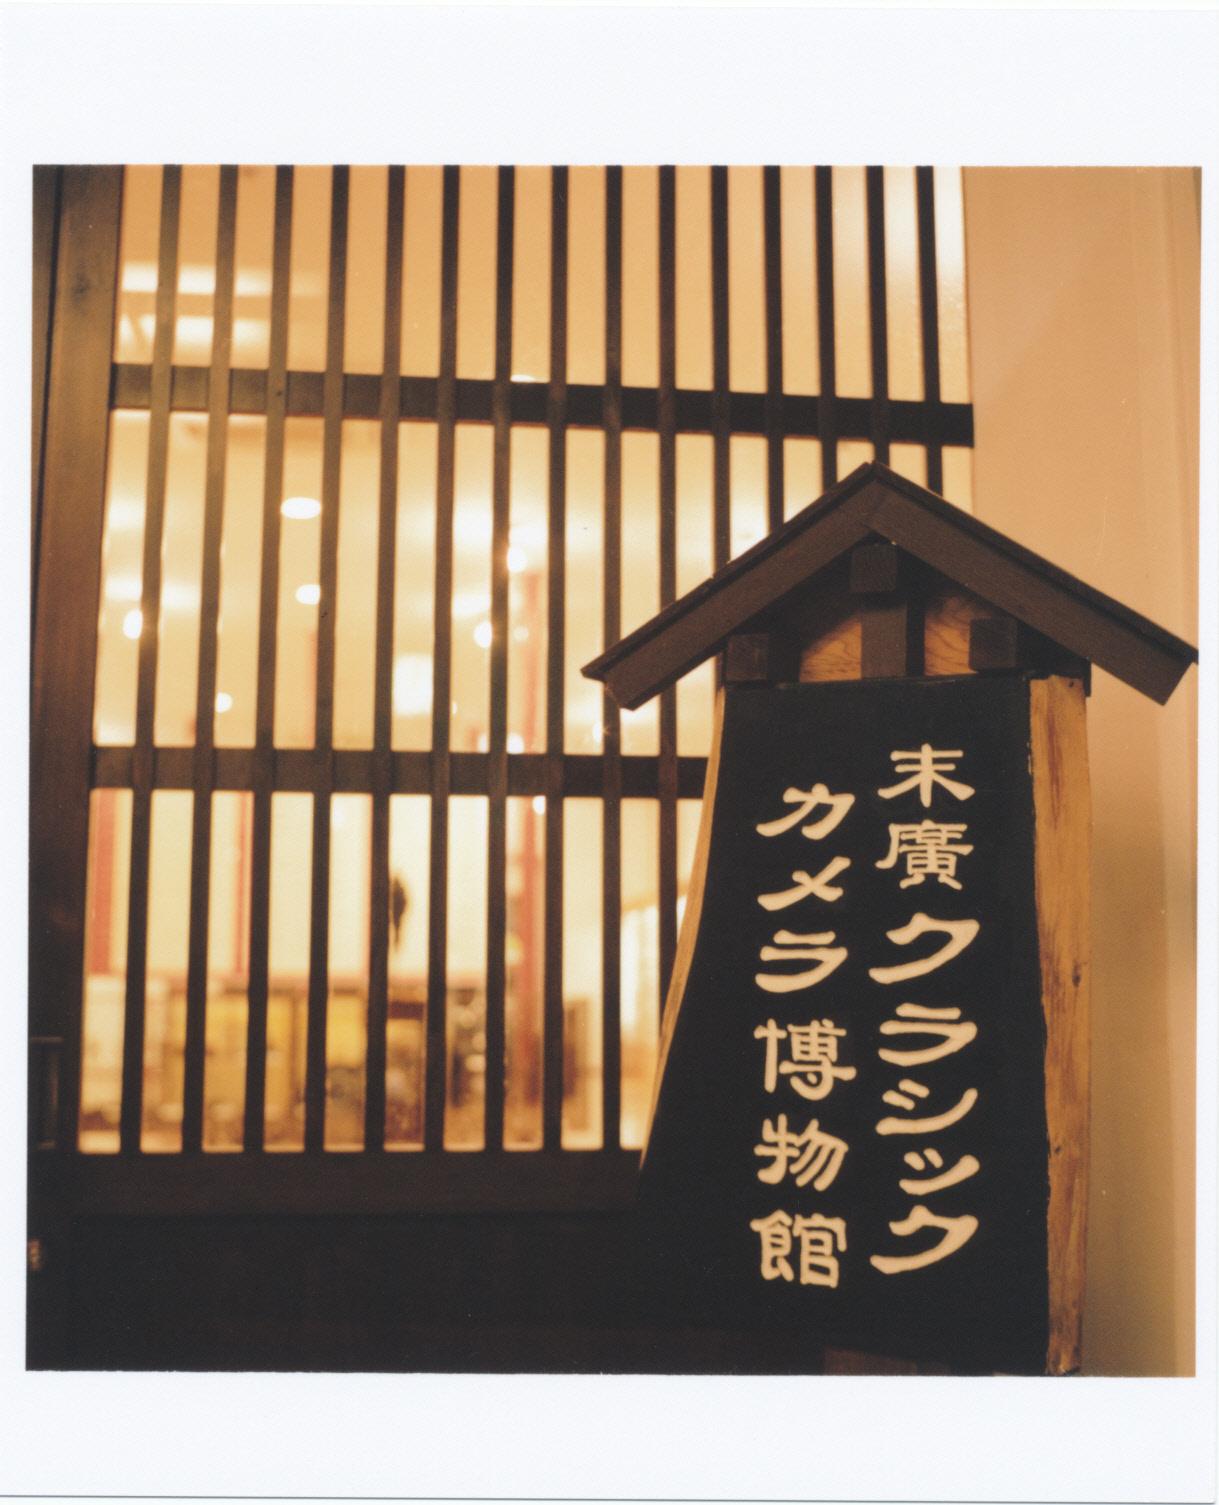 末廣クラシックカメラ博物館01